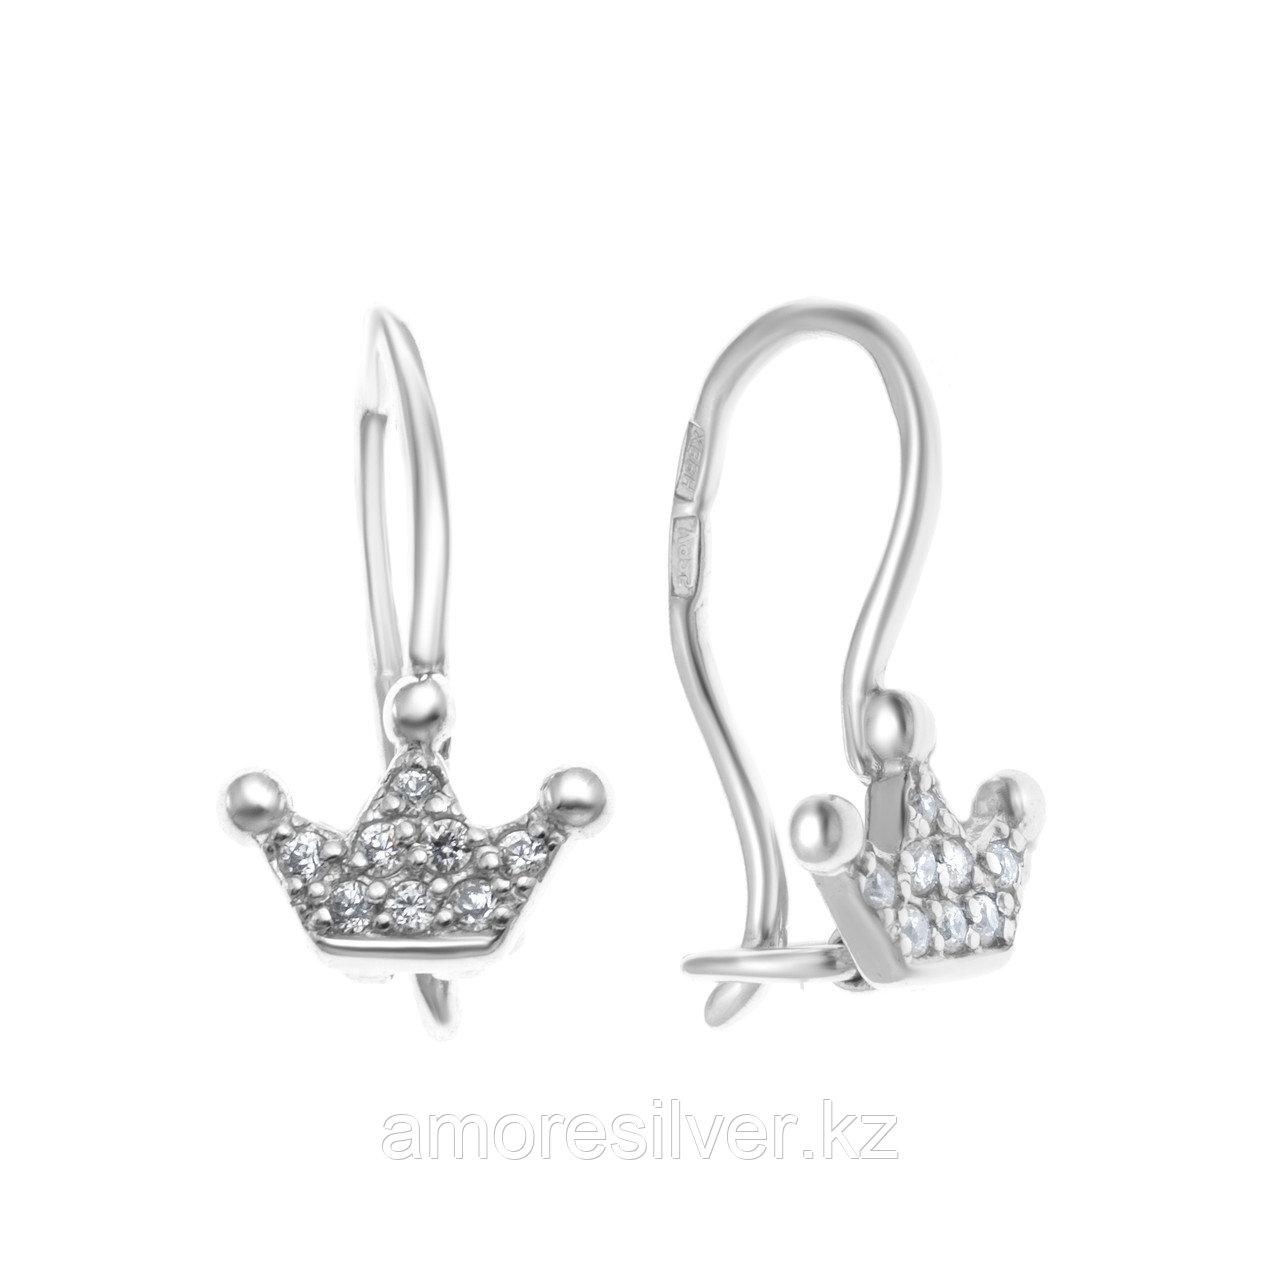 Серьги TEOSA серебро с родием, фианит, корона С630-1079